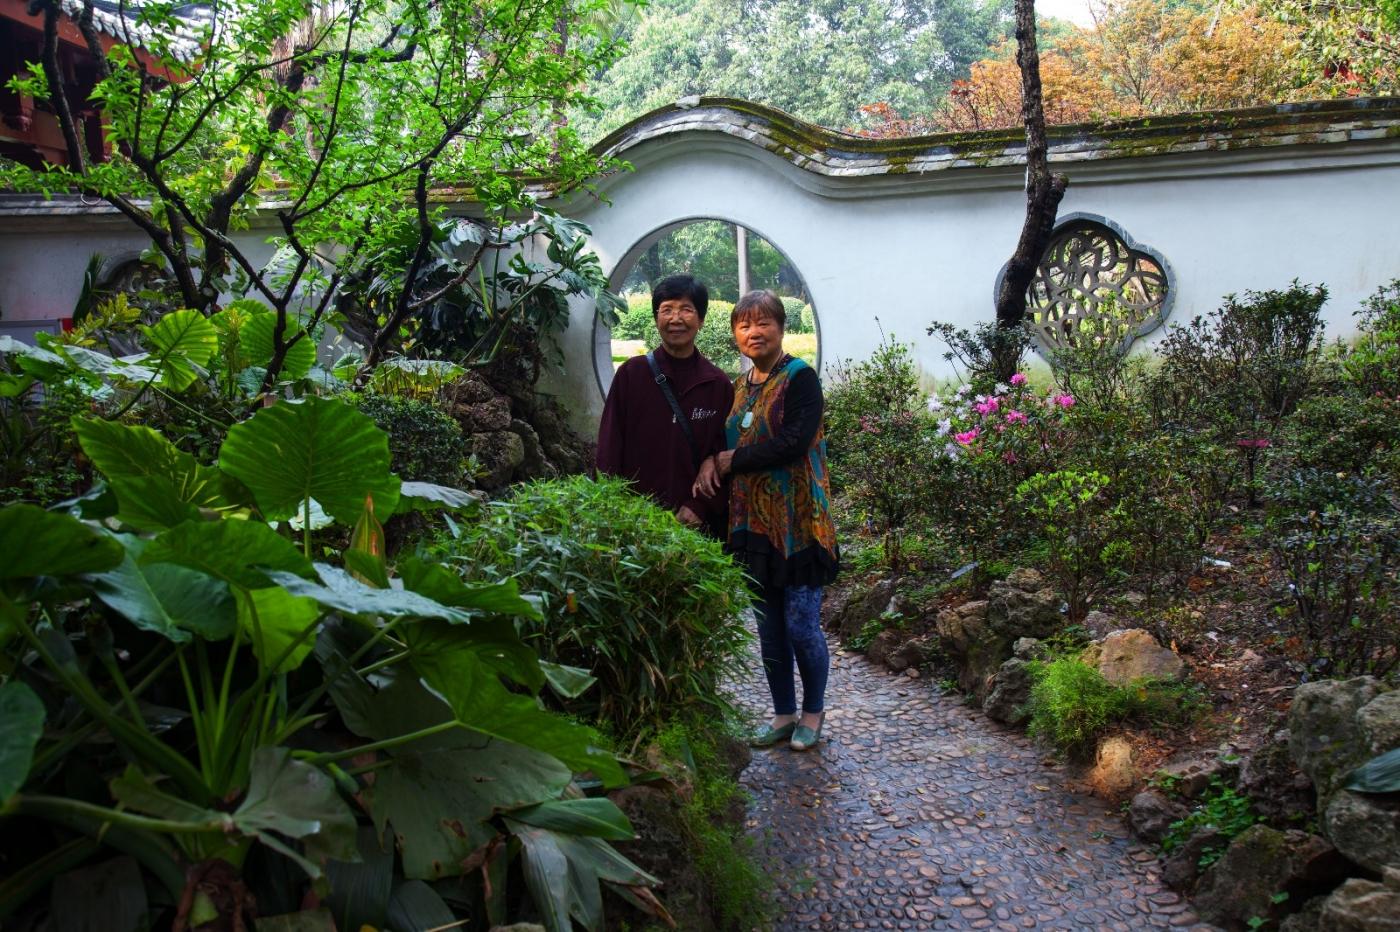 福州西湖公园,美景如画,赏心悦目,流连忘返_图1-9